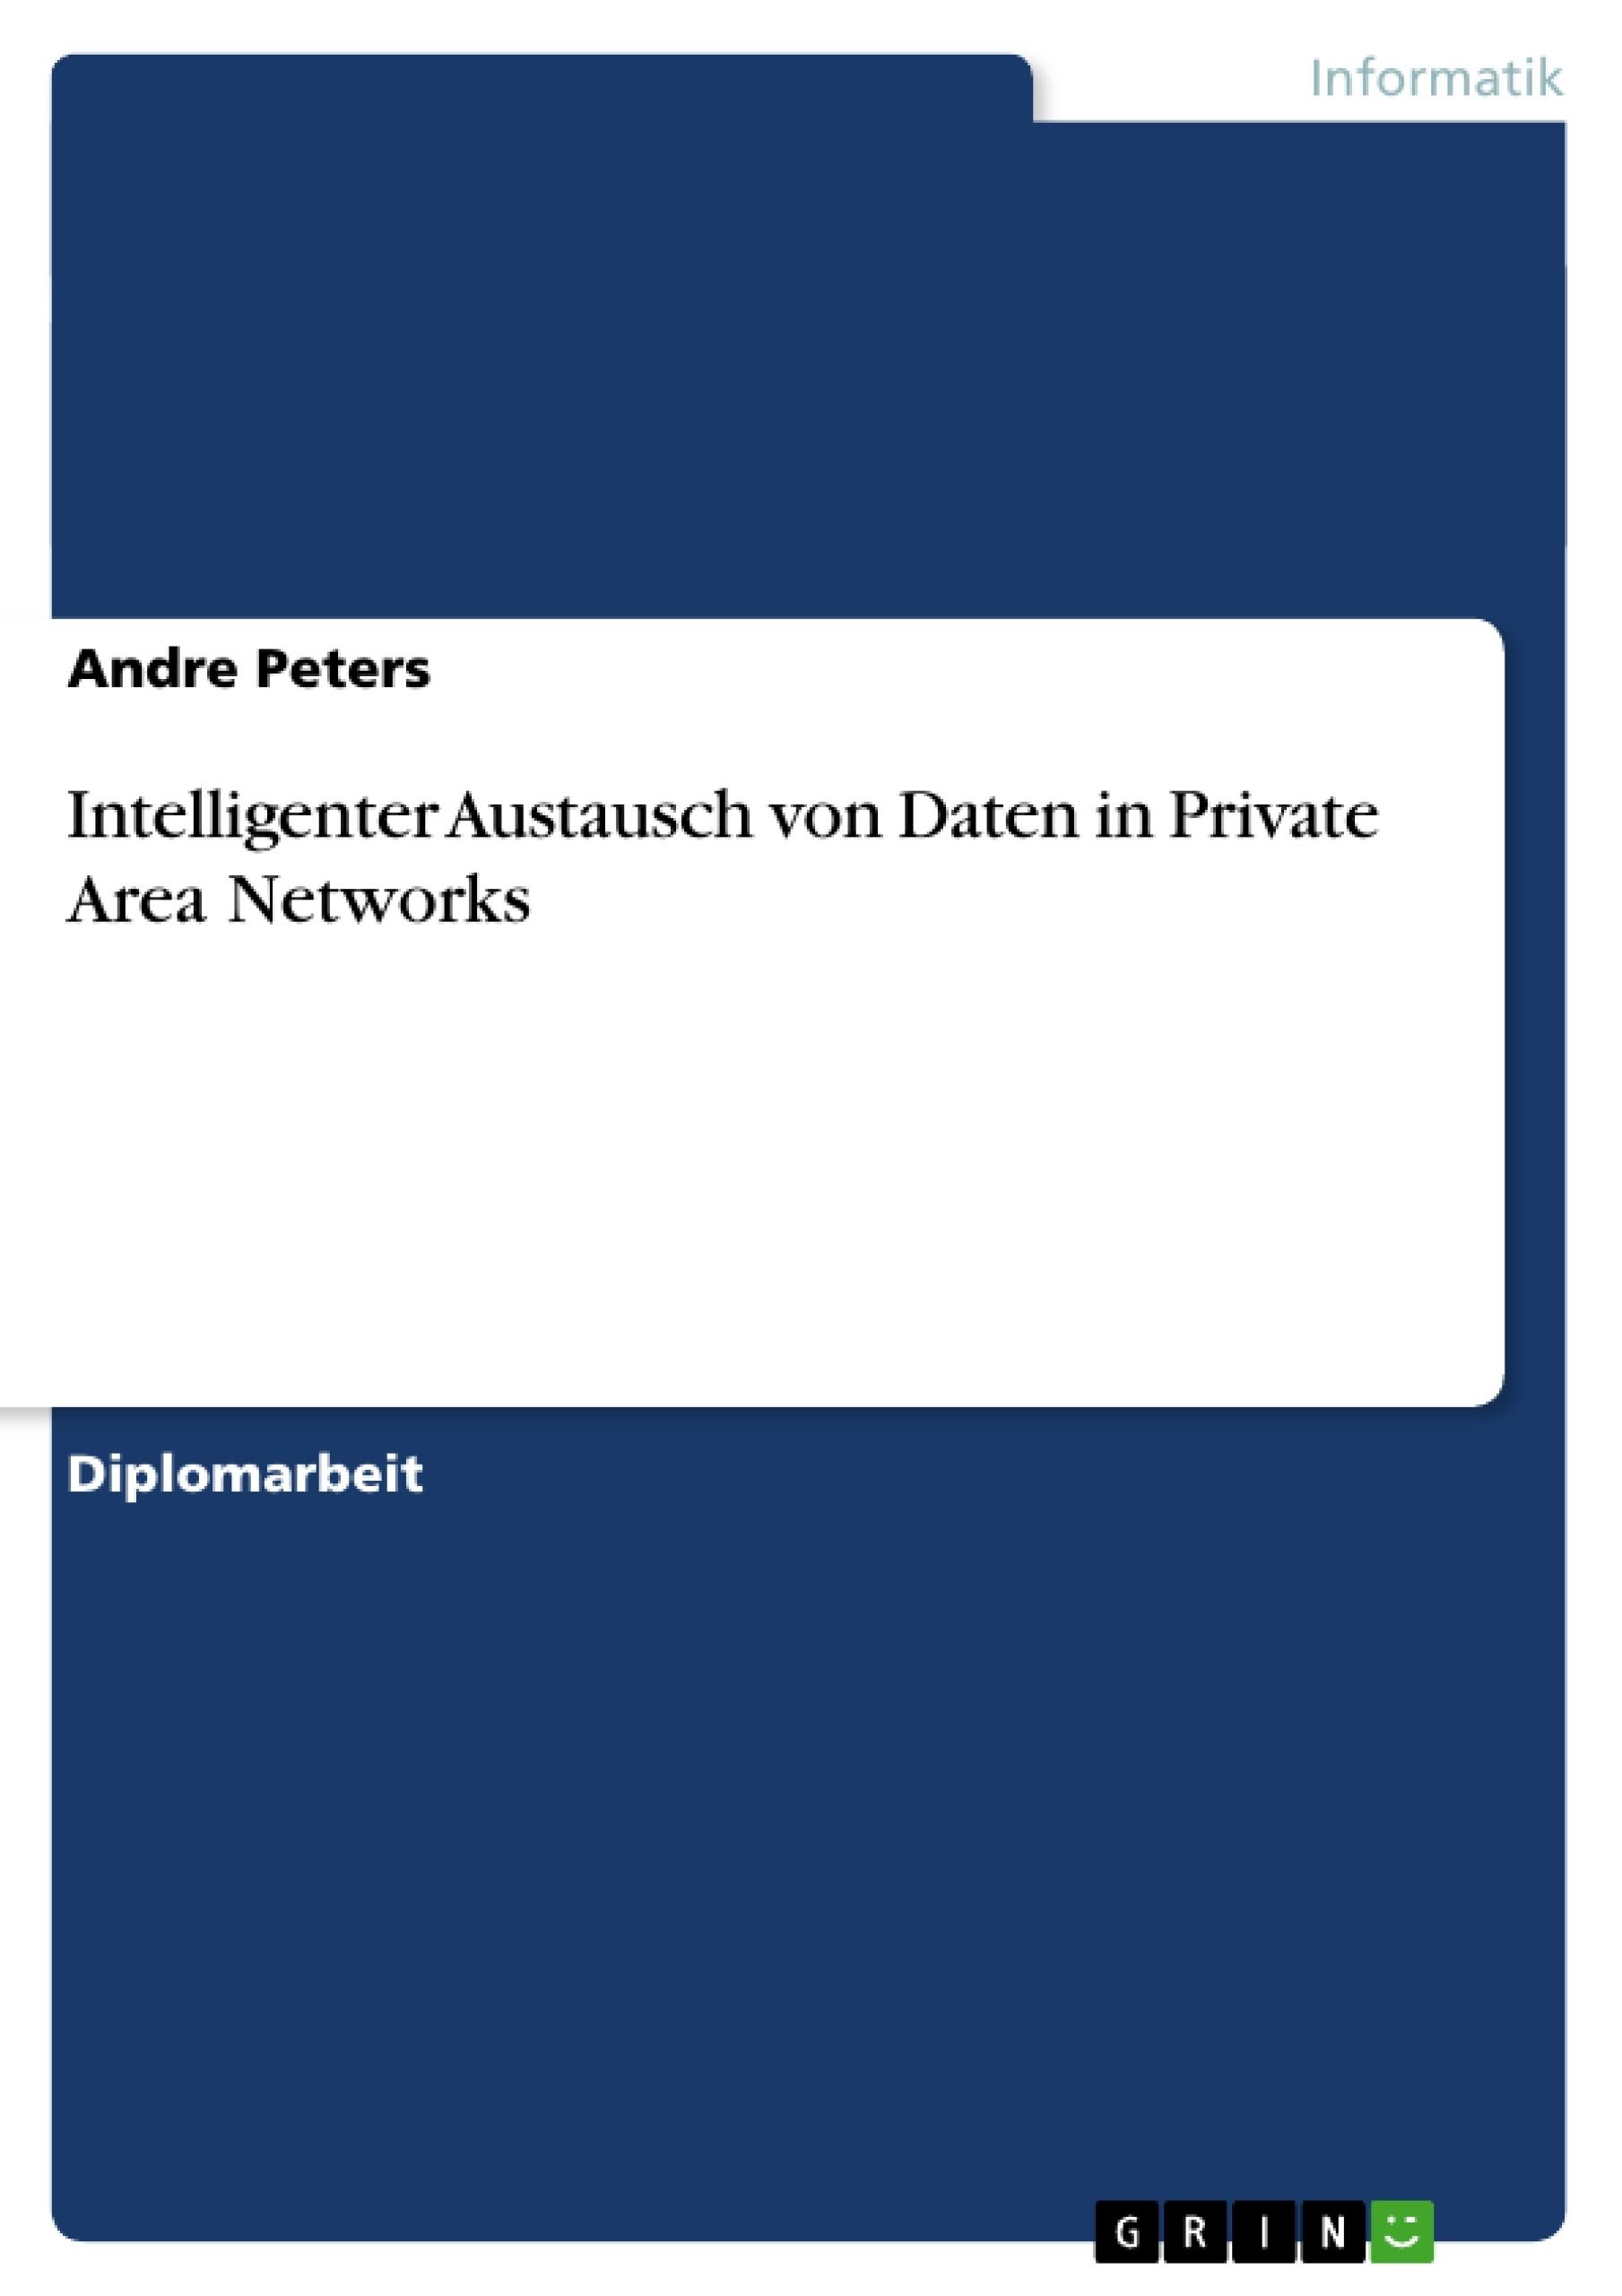 Titel: Intelligenter Austausch von Daten in Private Area Networks